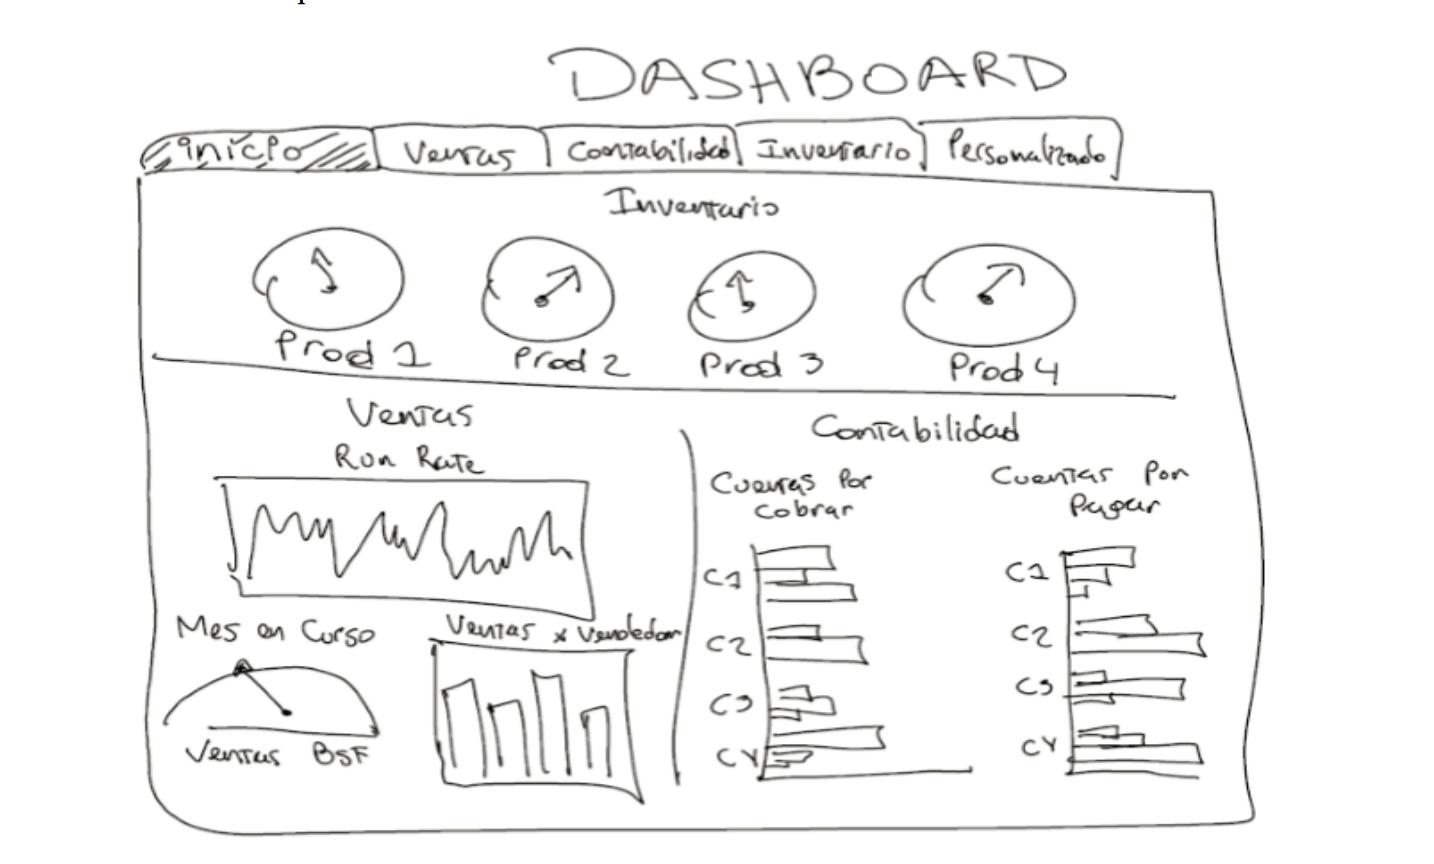 Mockup dashboard